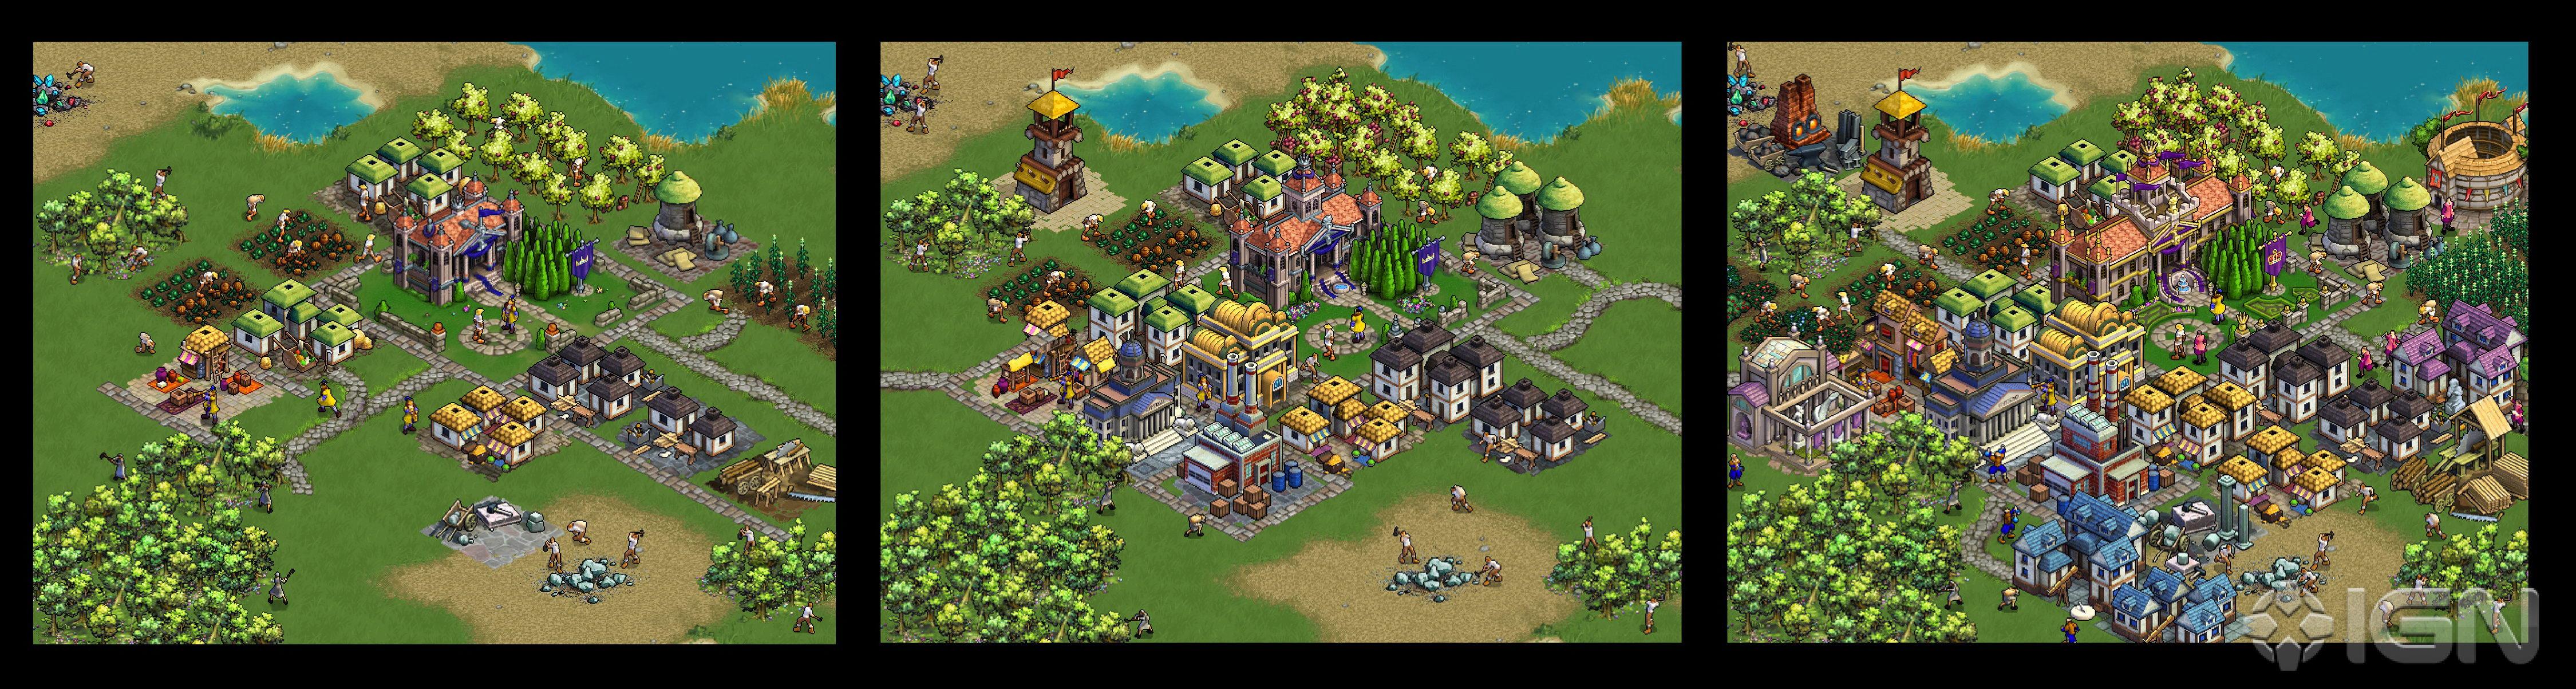 Развитие города по эпохам